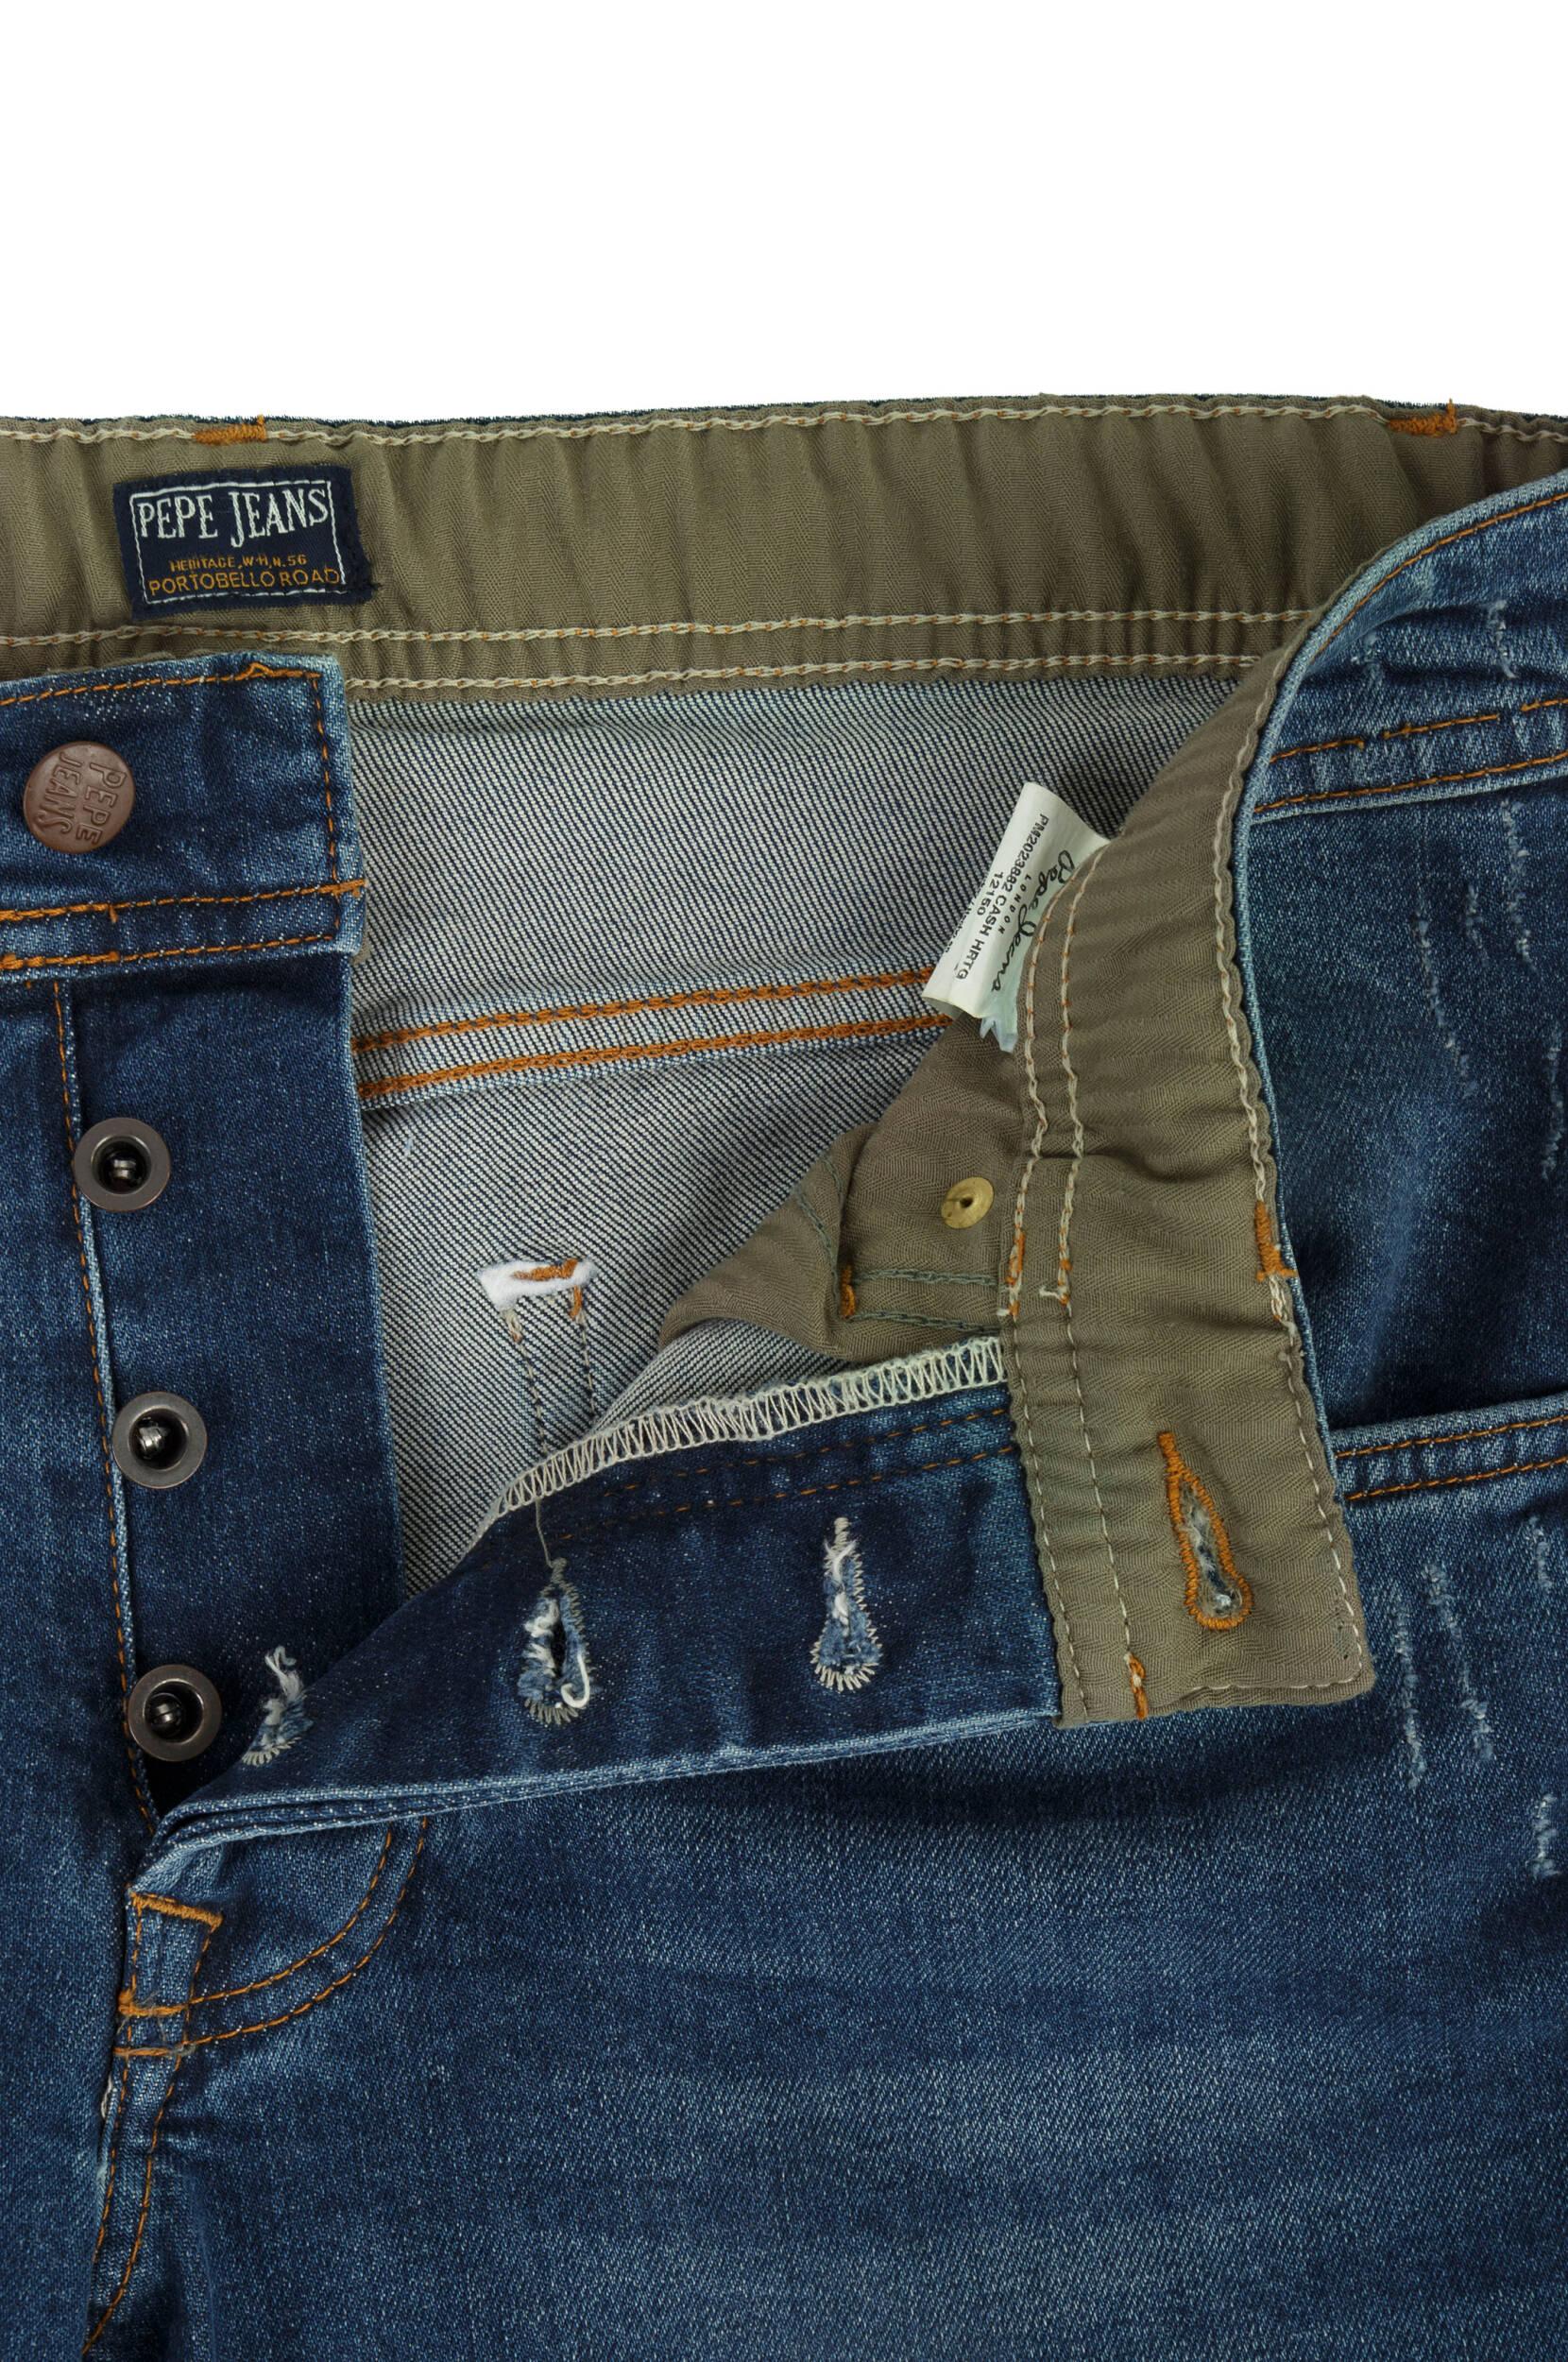 Cash Hrtg jeans Pepe Jeans London  2b129dca8a